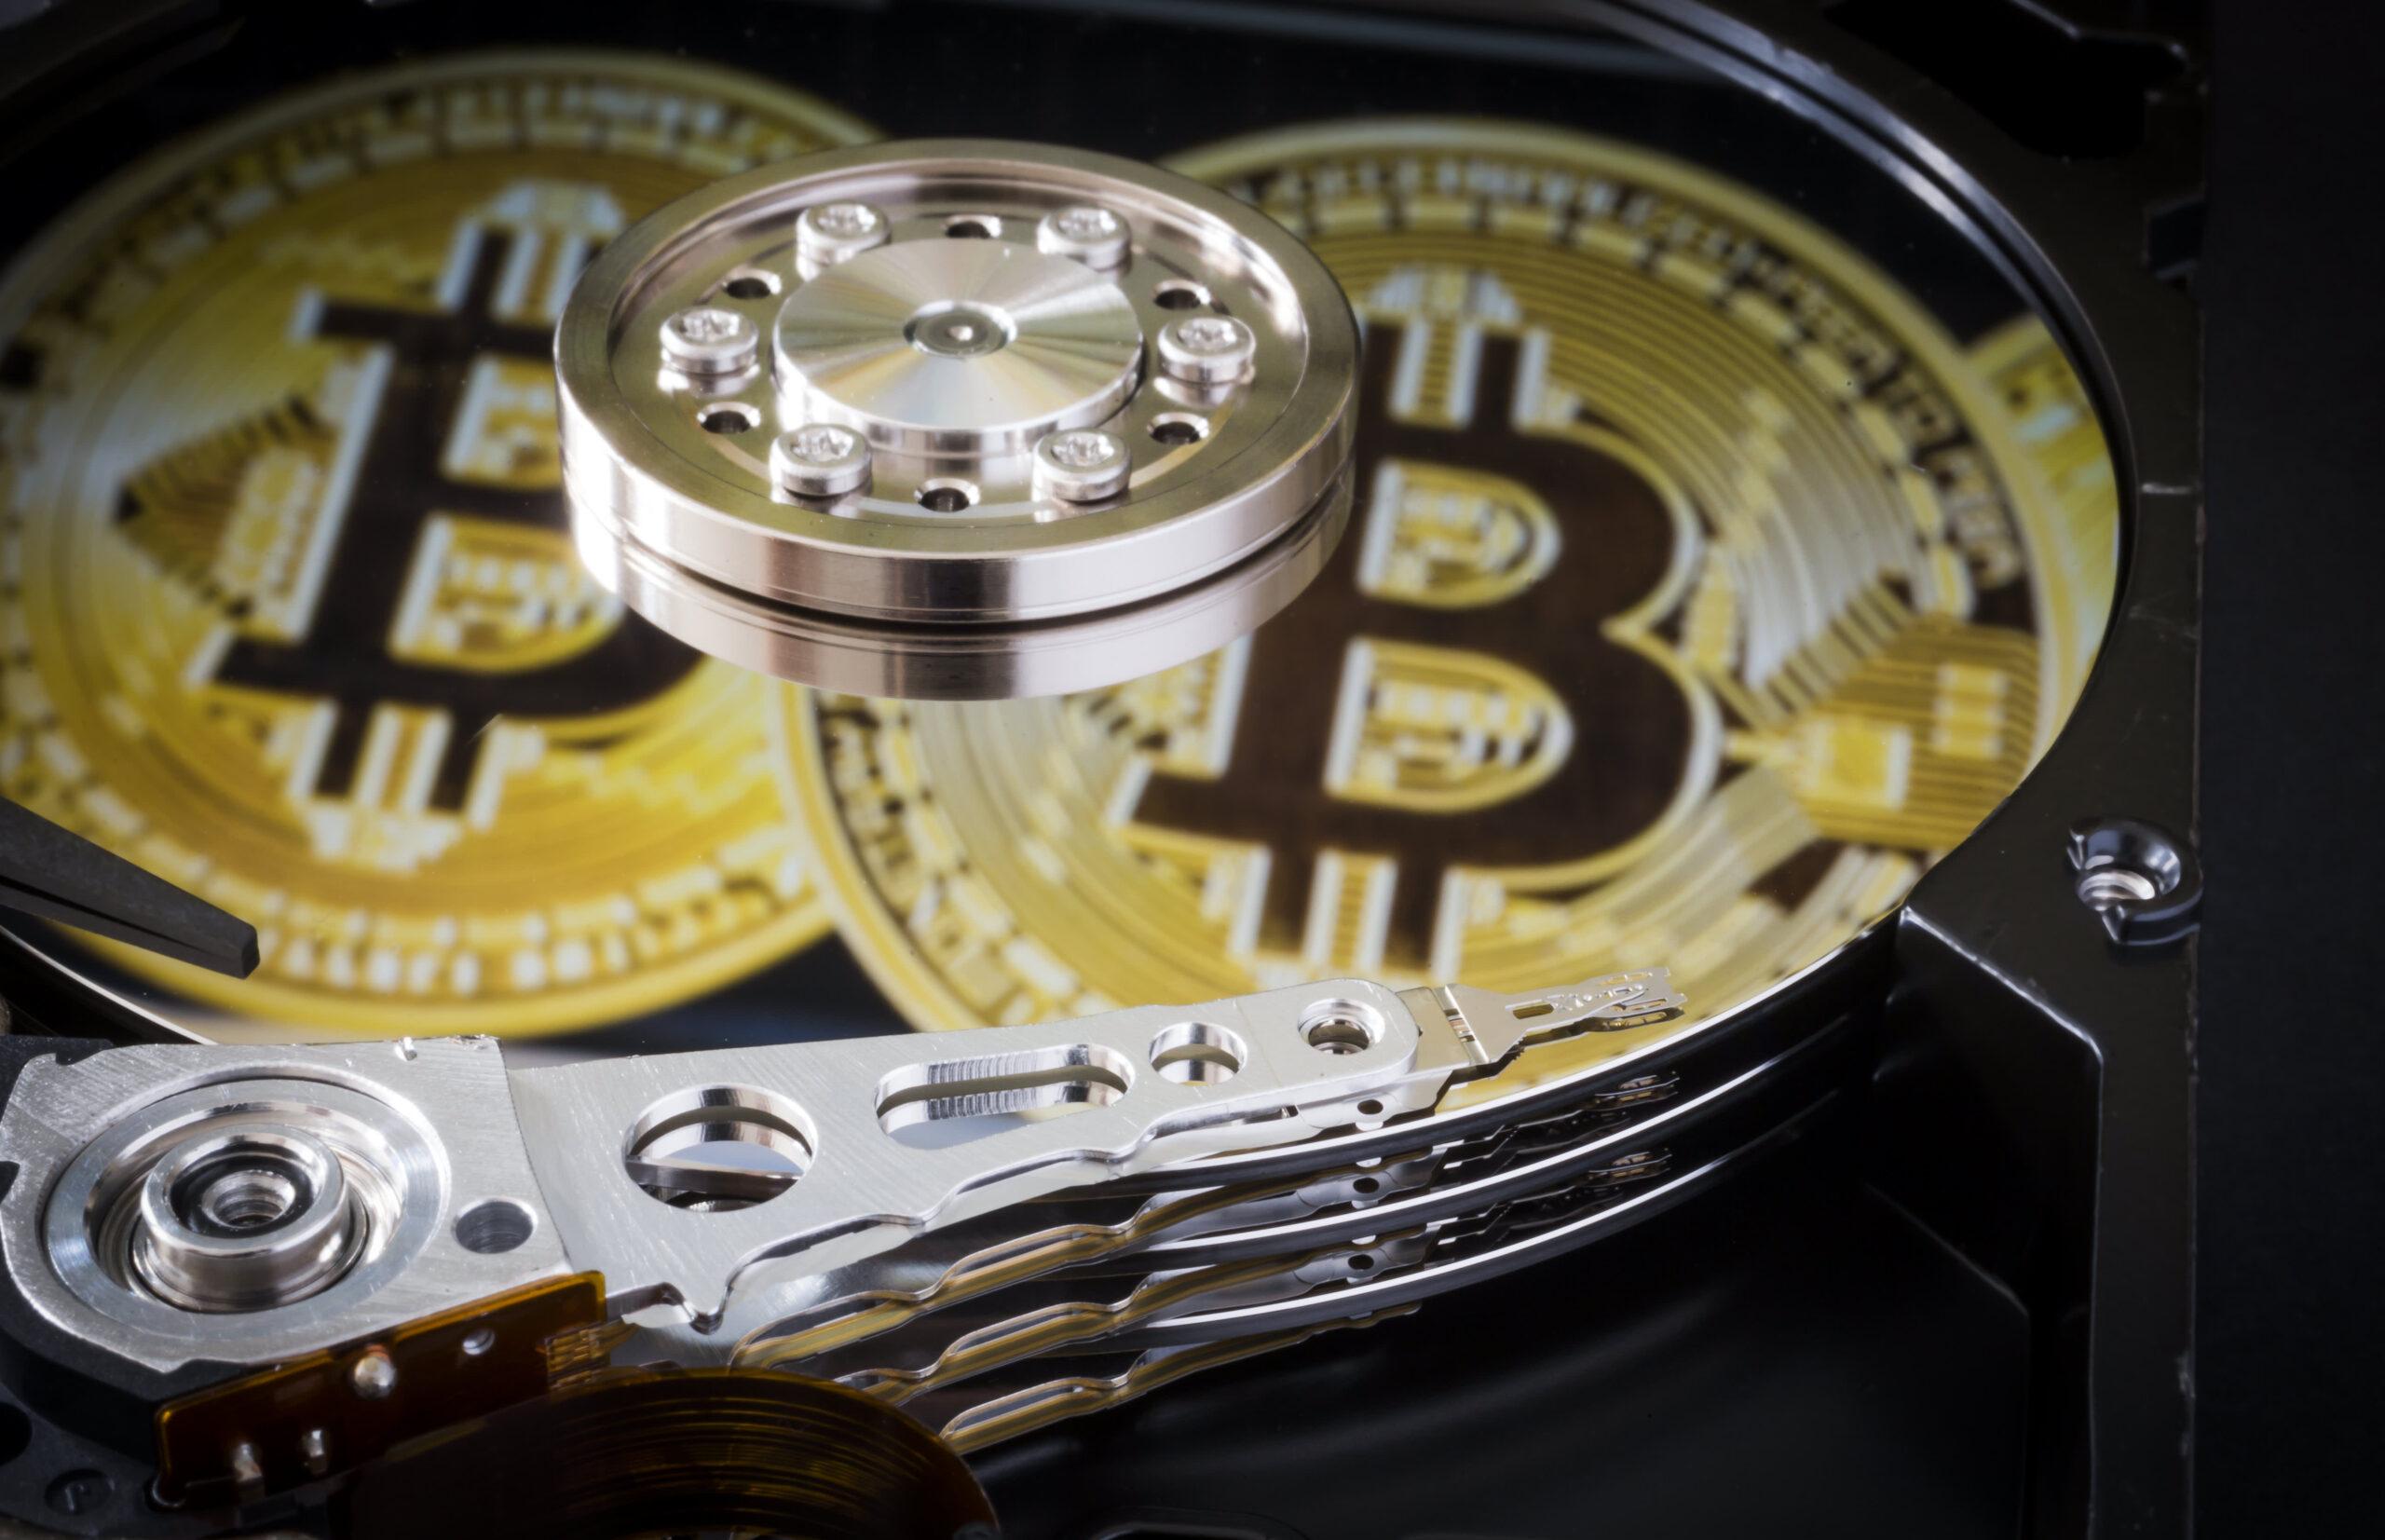 Conto alla rovescia per l'halving di Bitcoin